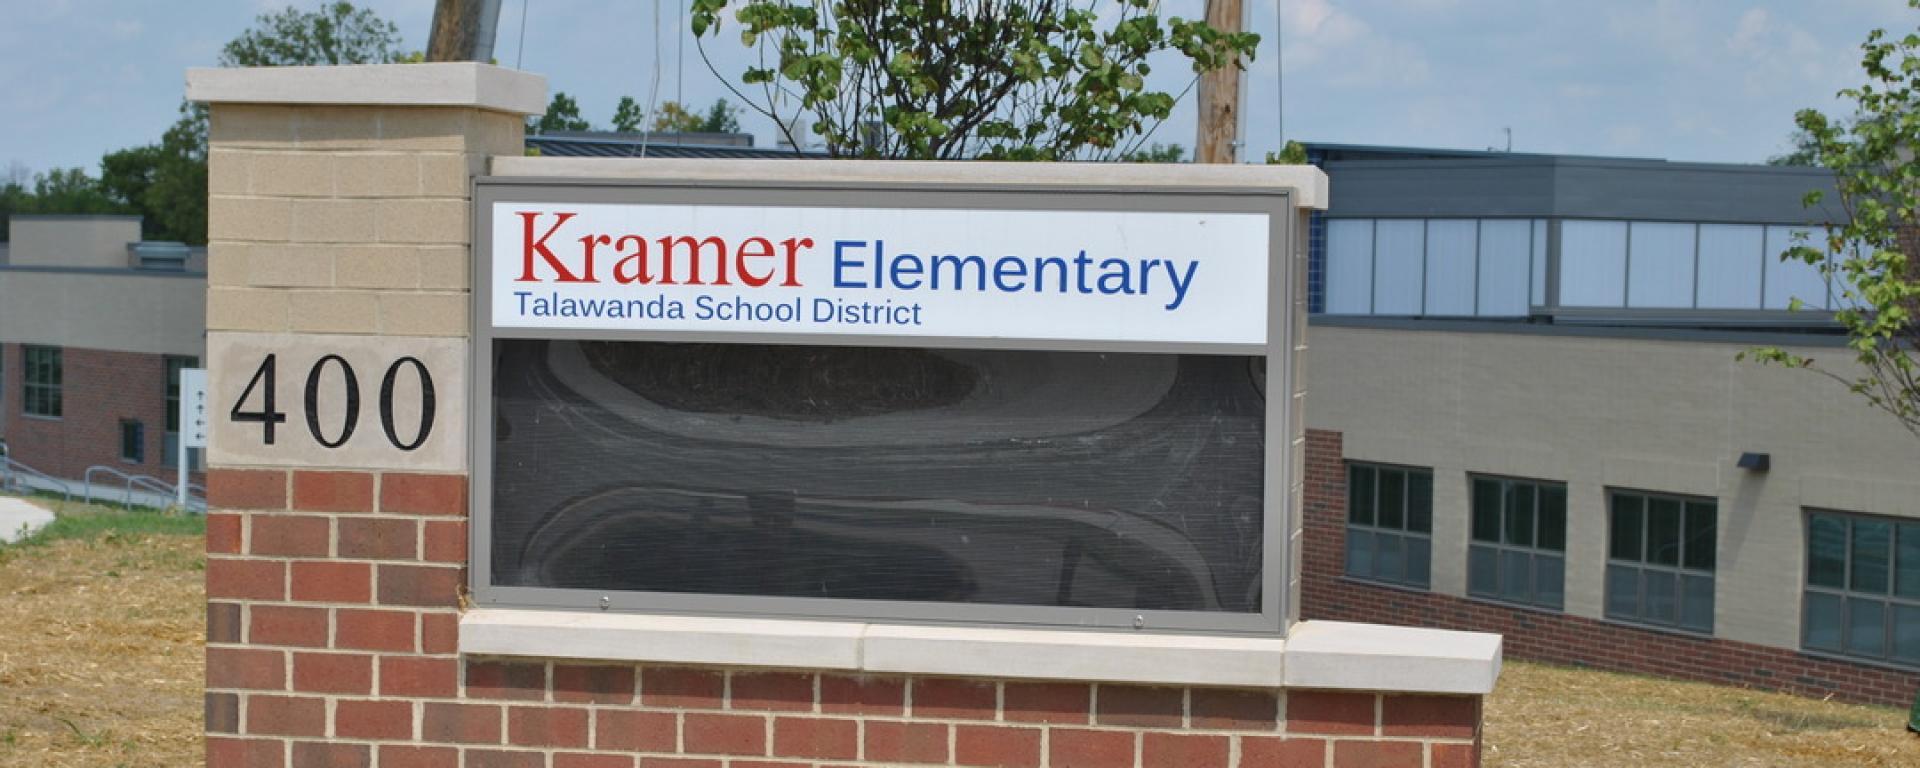 Kramer Elementary